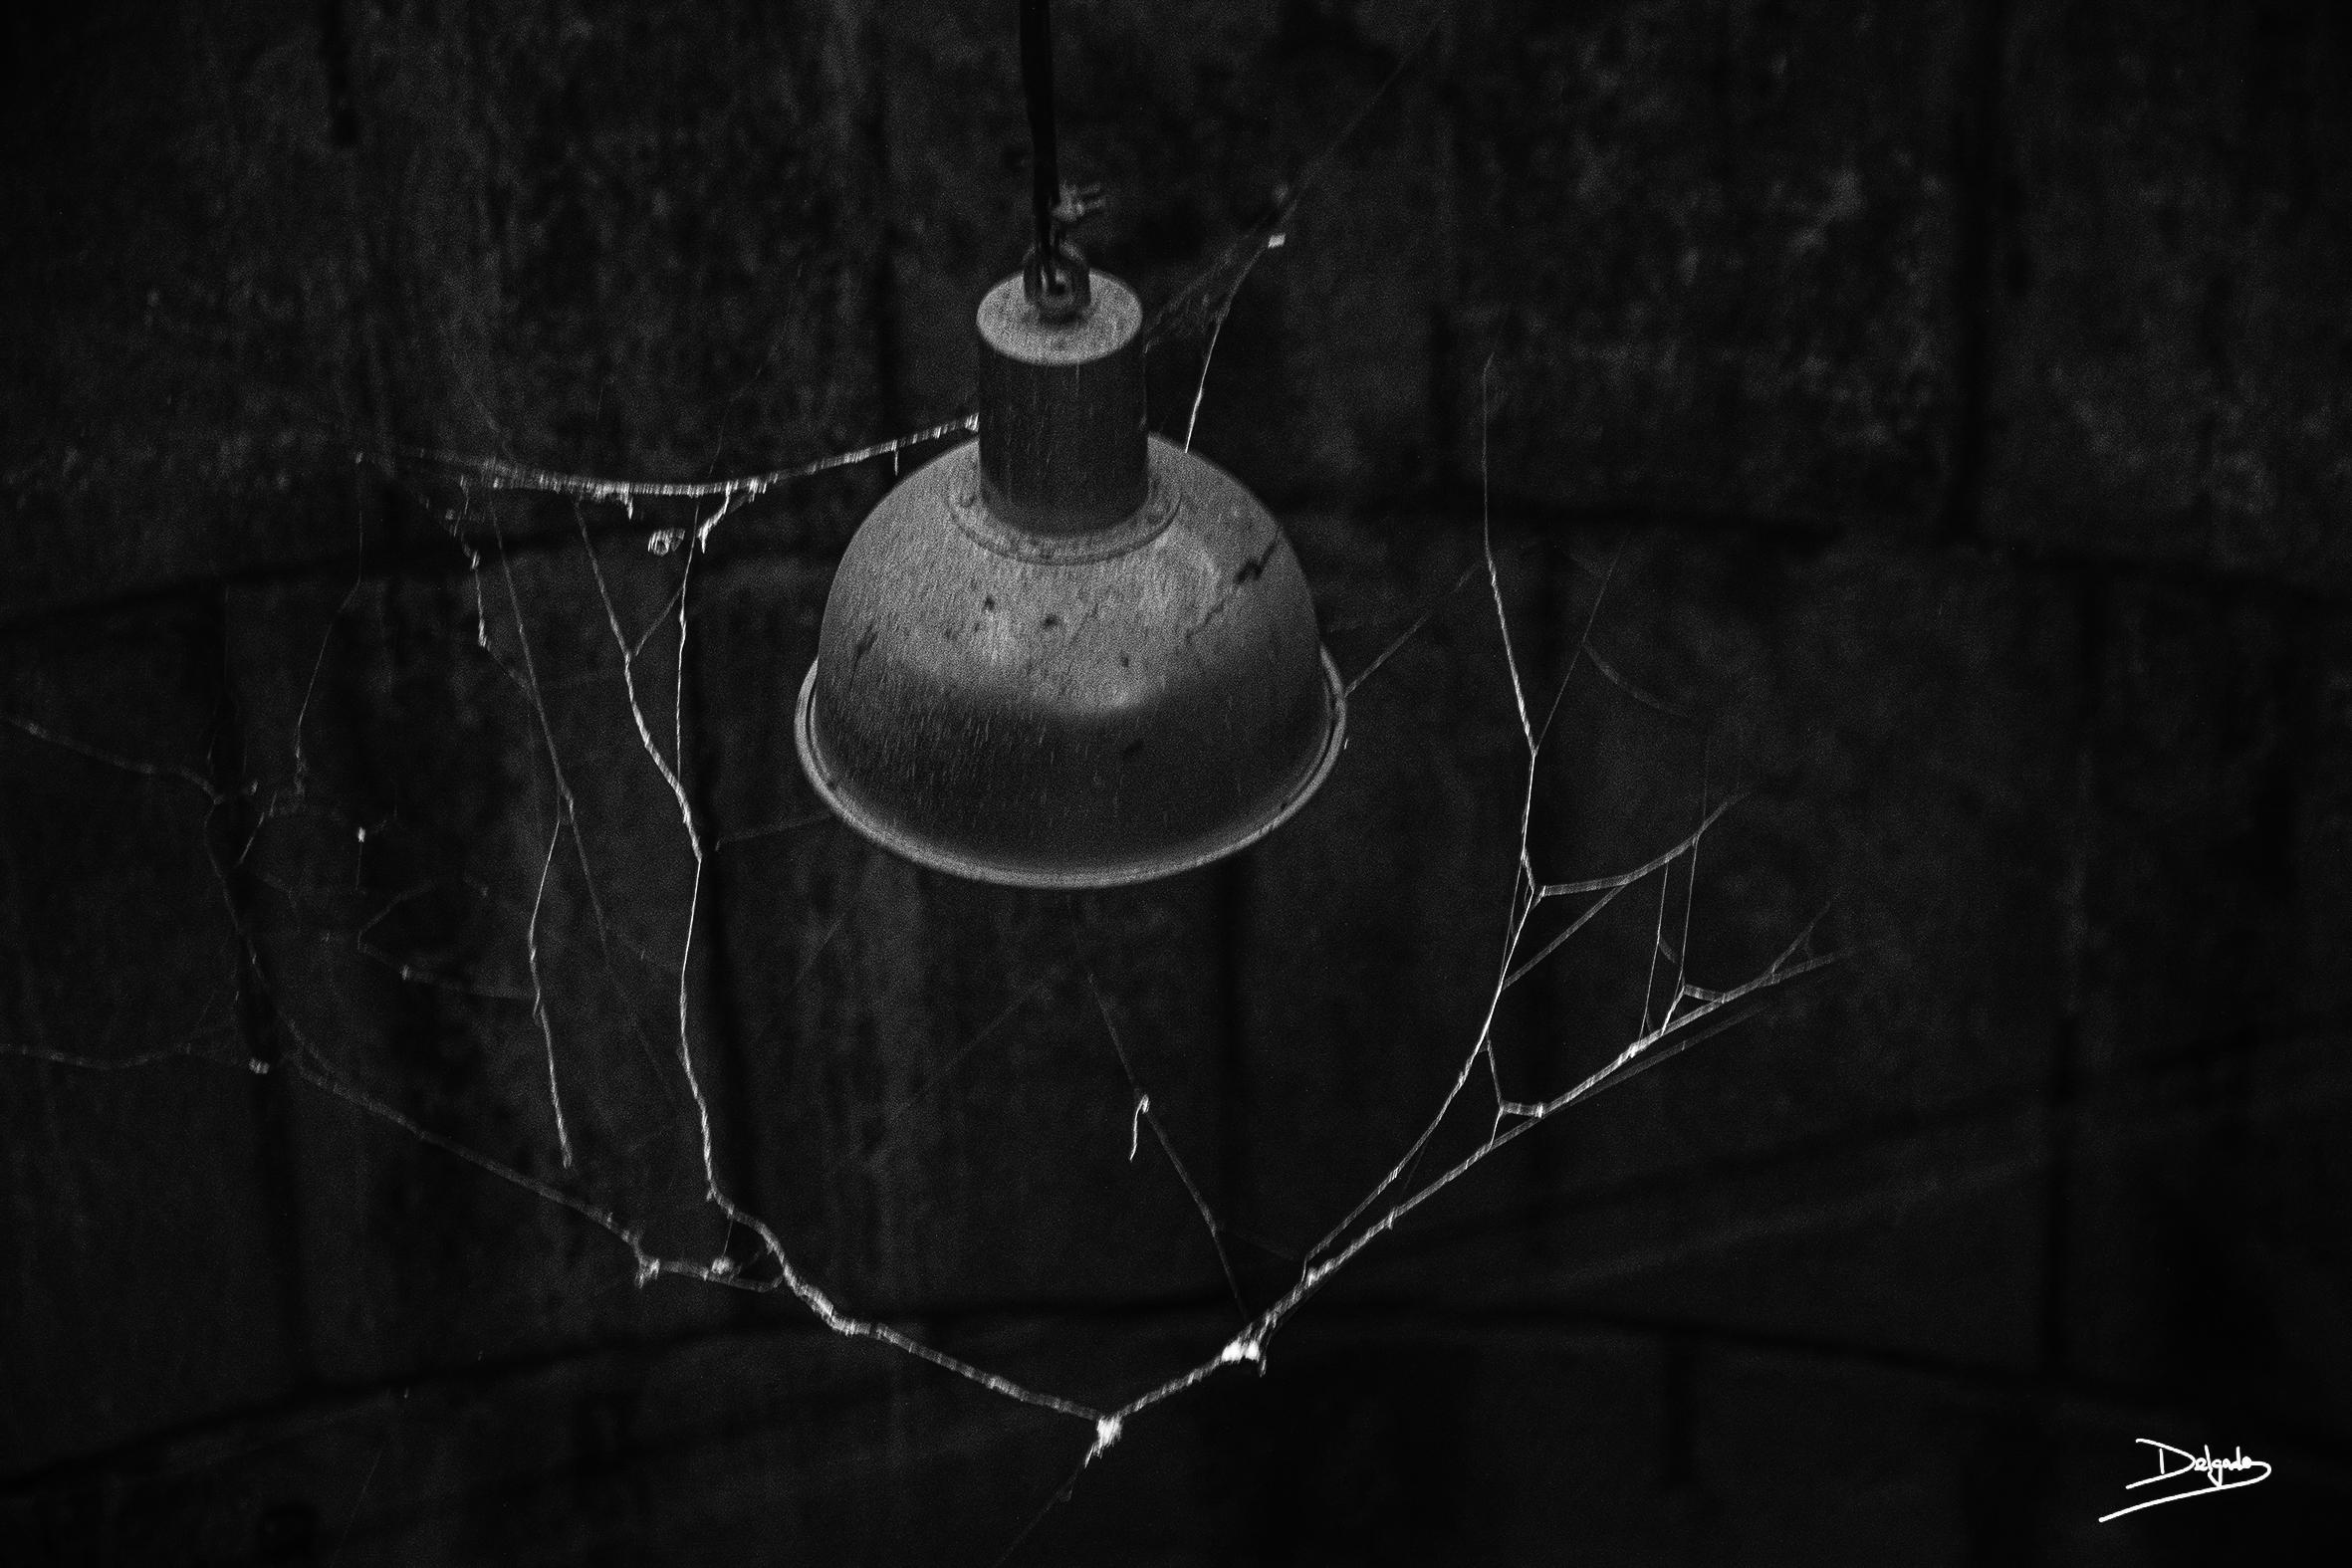 Foto del día: En el abismo también hay luz